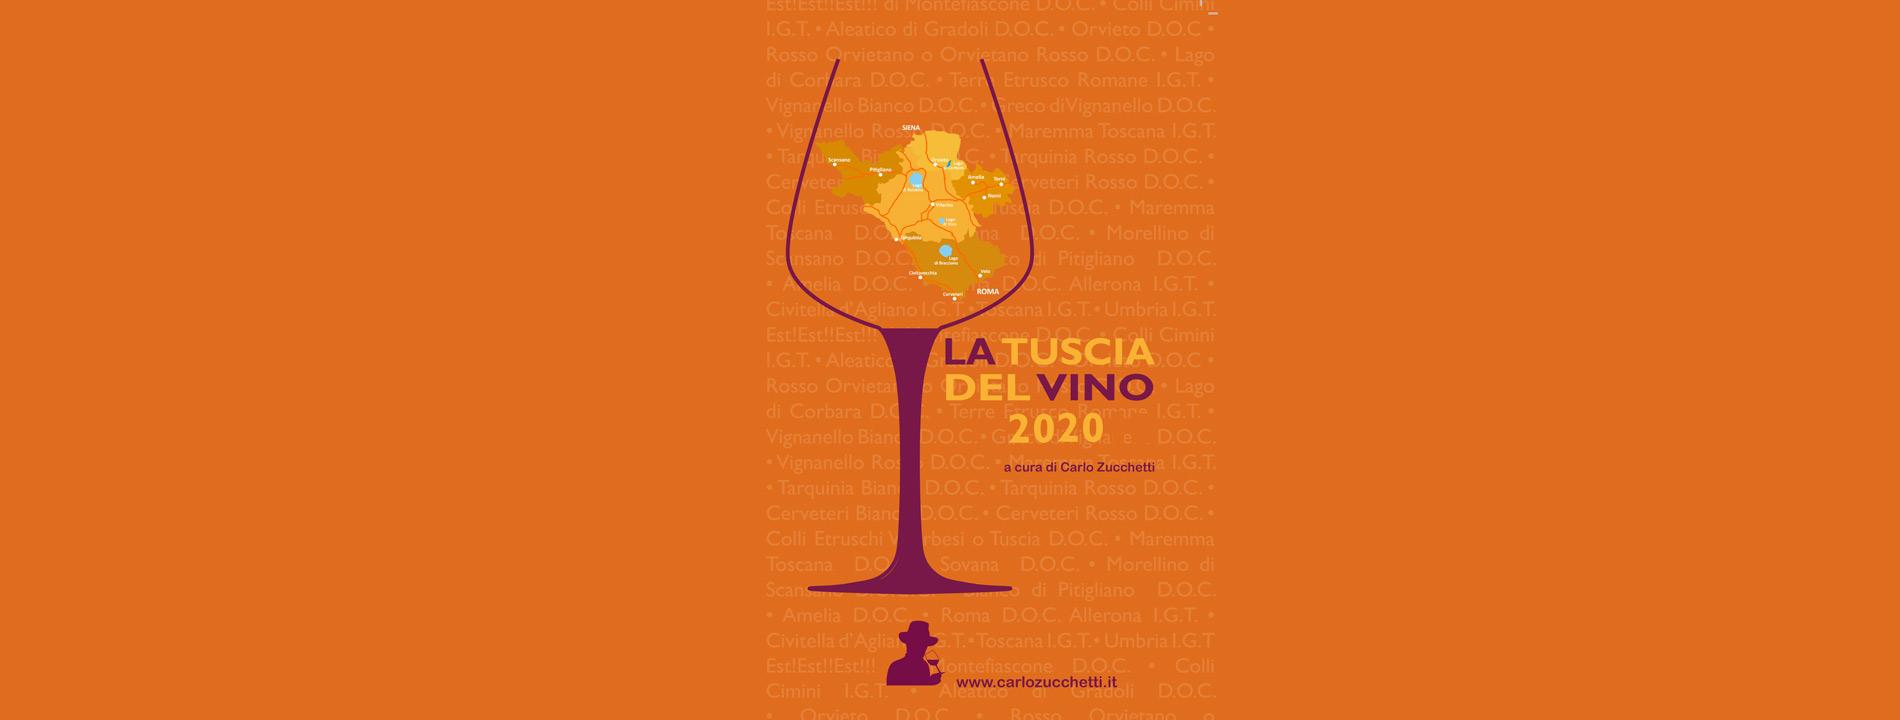 La tuscia del vino